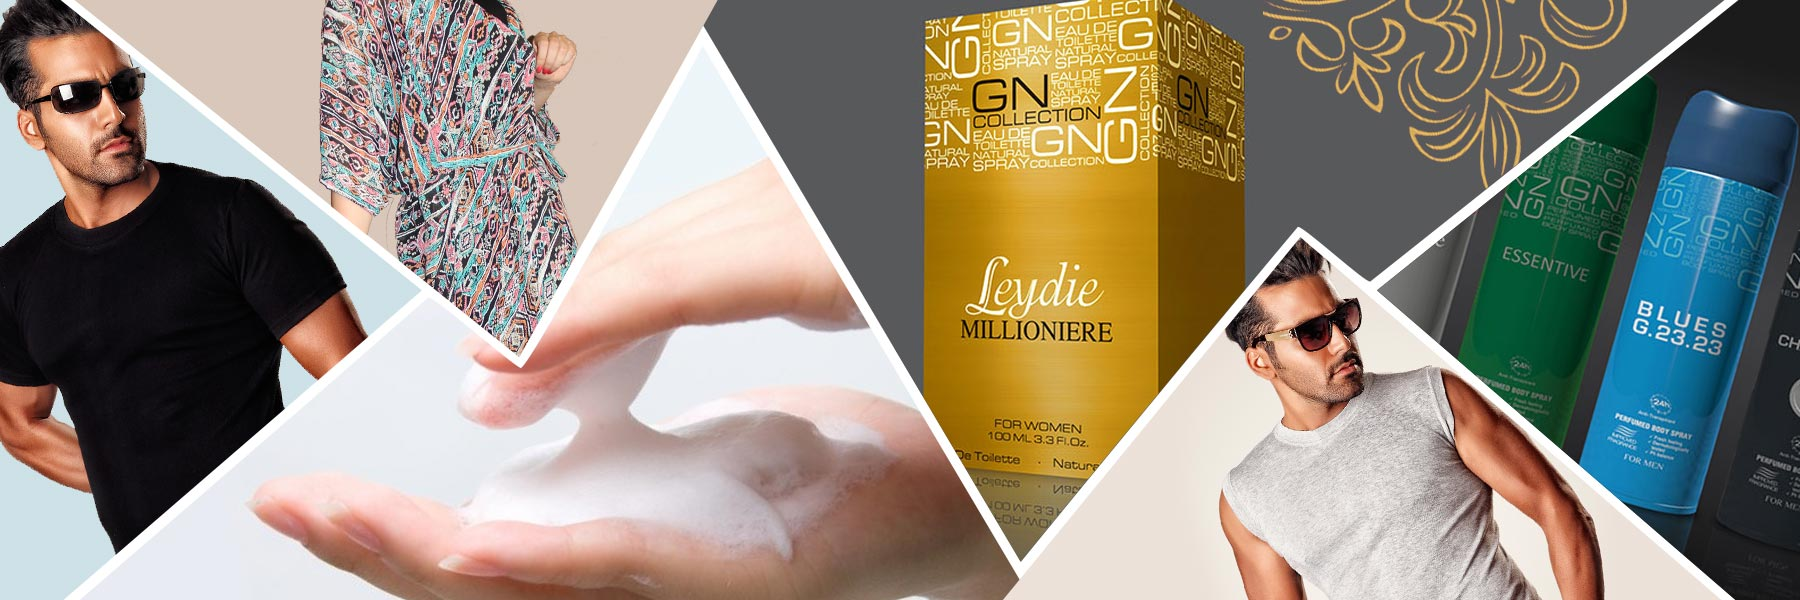 محصولات آرایشی و بهداشتی شرکت رادین